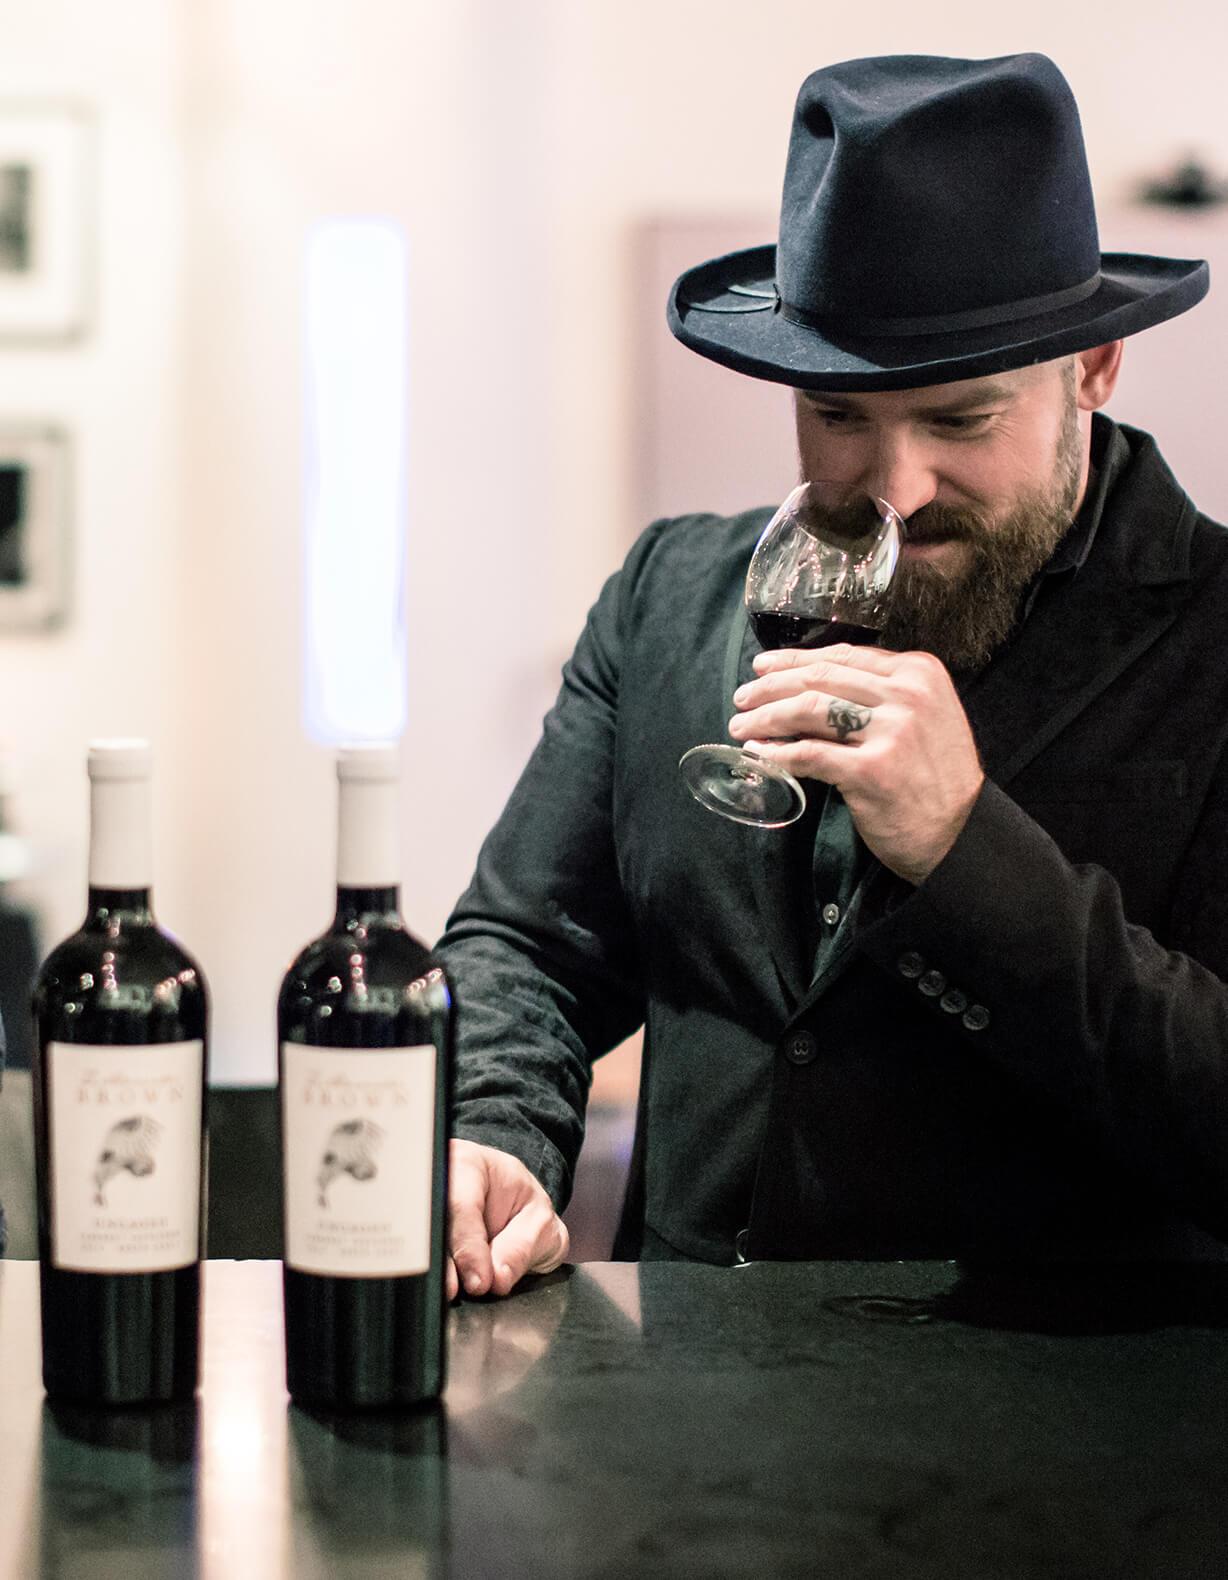 Zac Brown & Delicato Family Vineyards Introduce Z. Alexander Brown